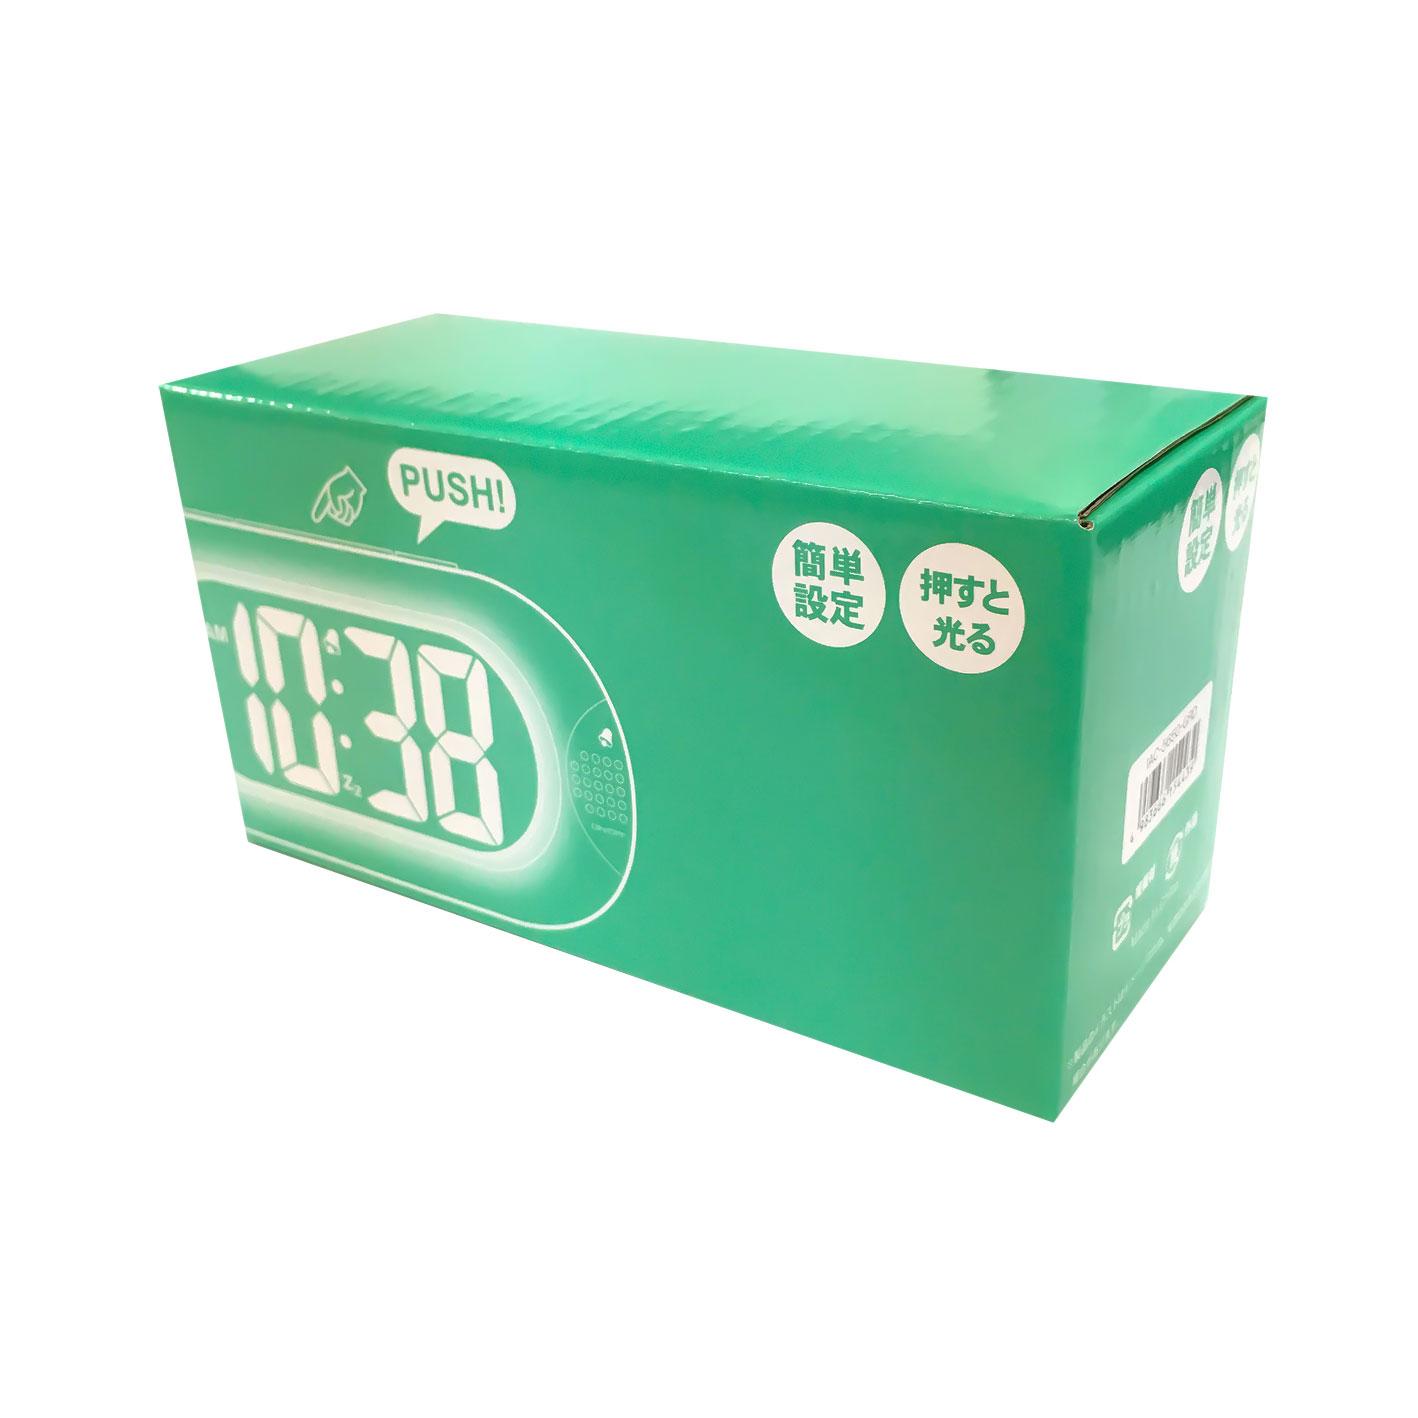 インテリアクロック 目覚まし時計 デジタル 液晶 ライト 【IAC-5650】